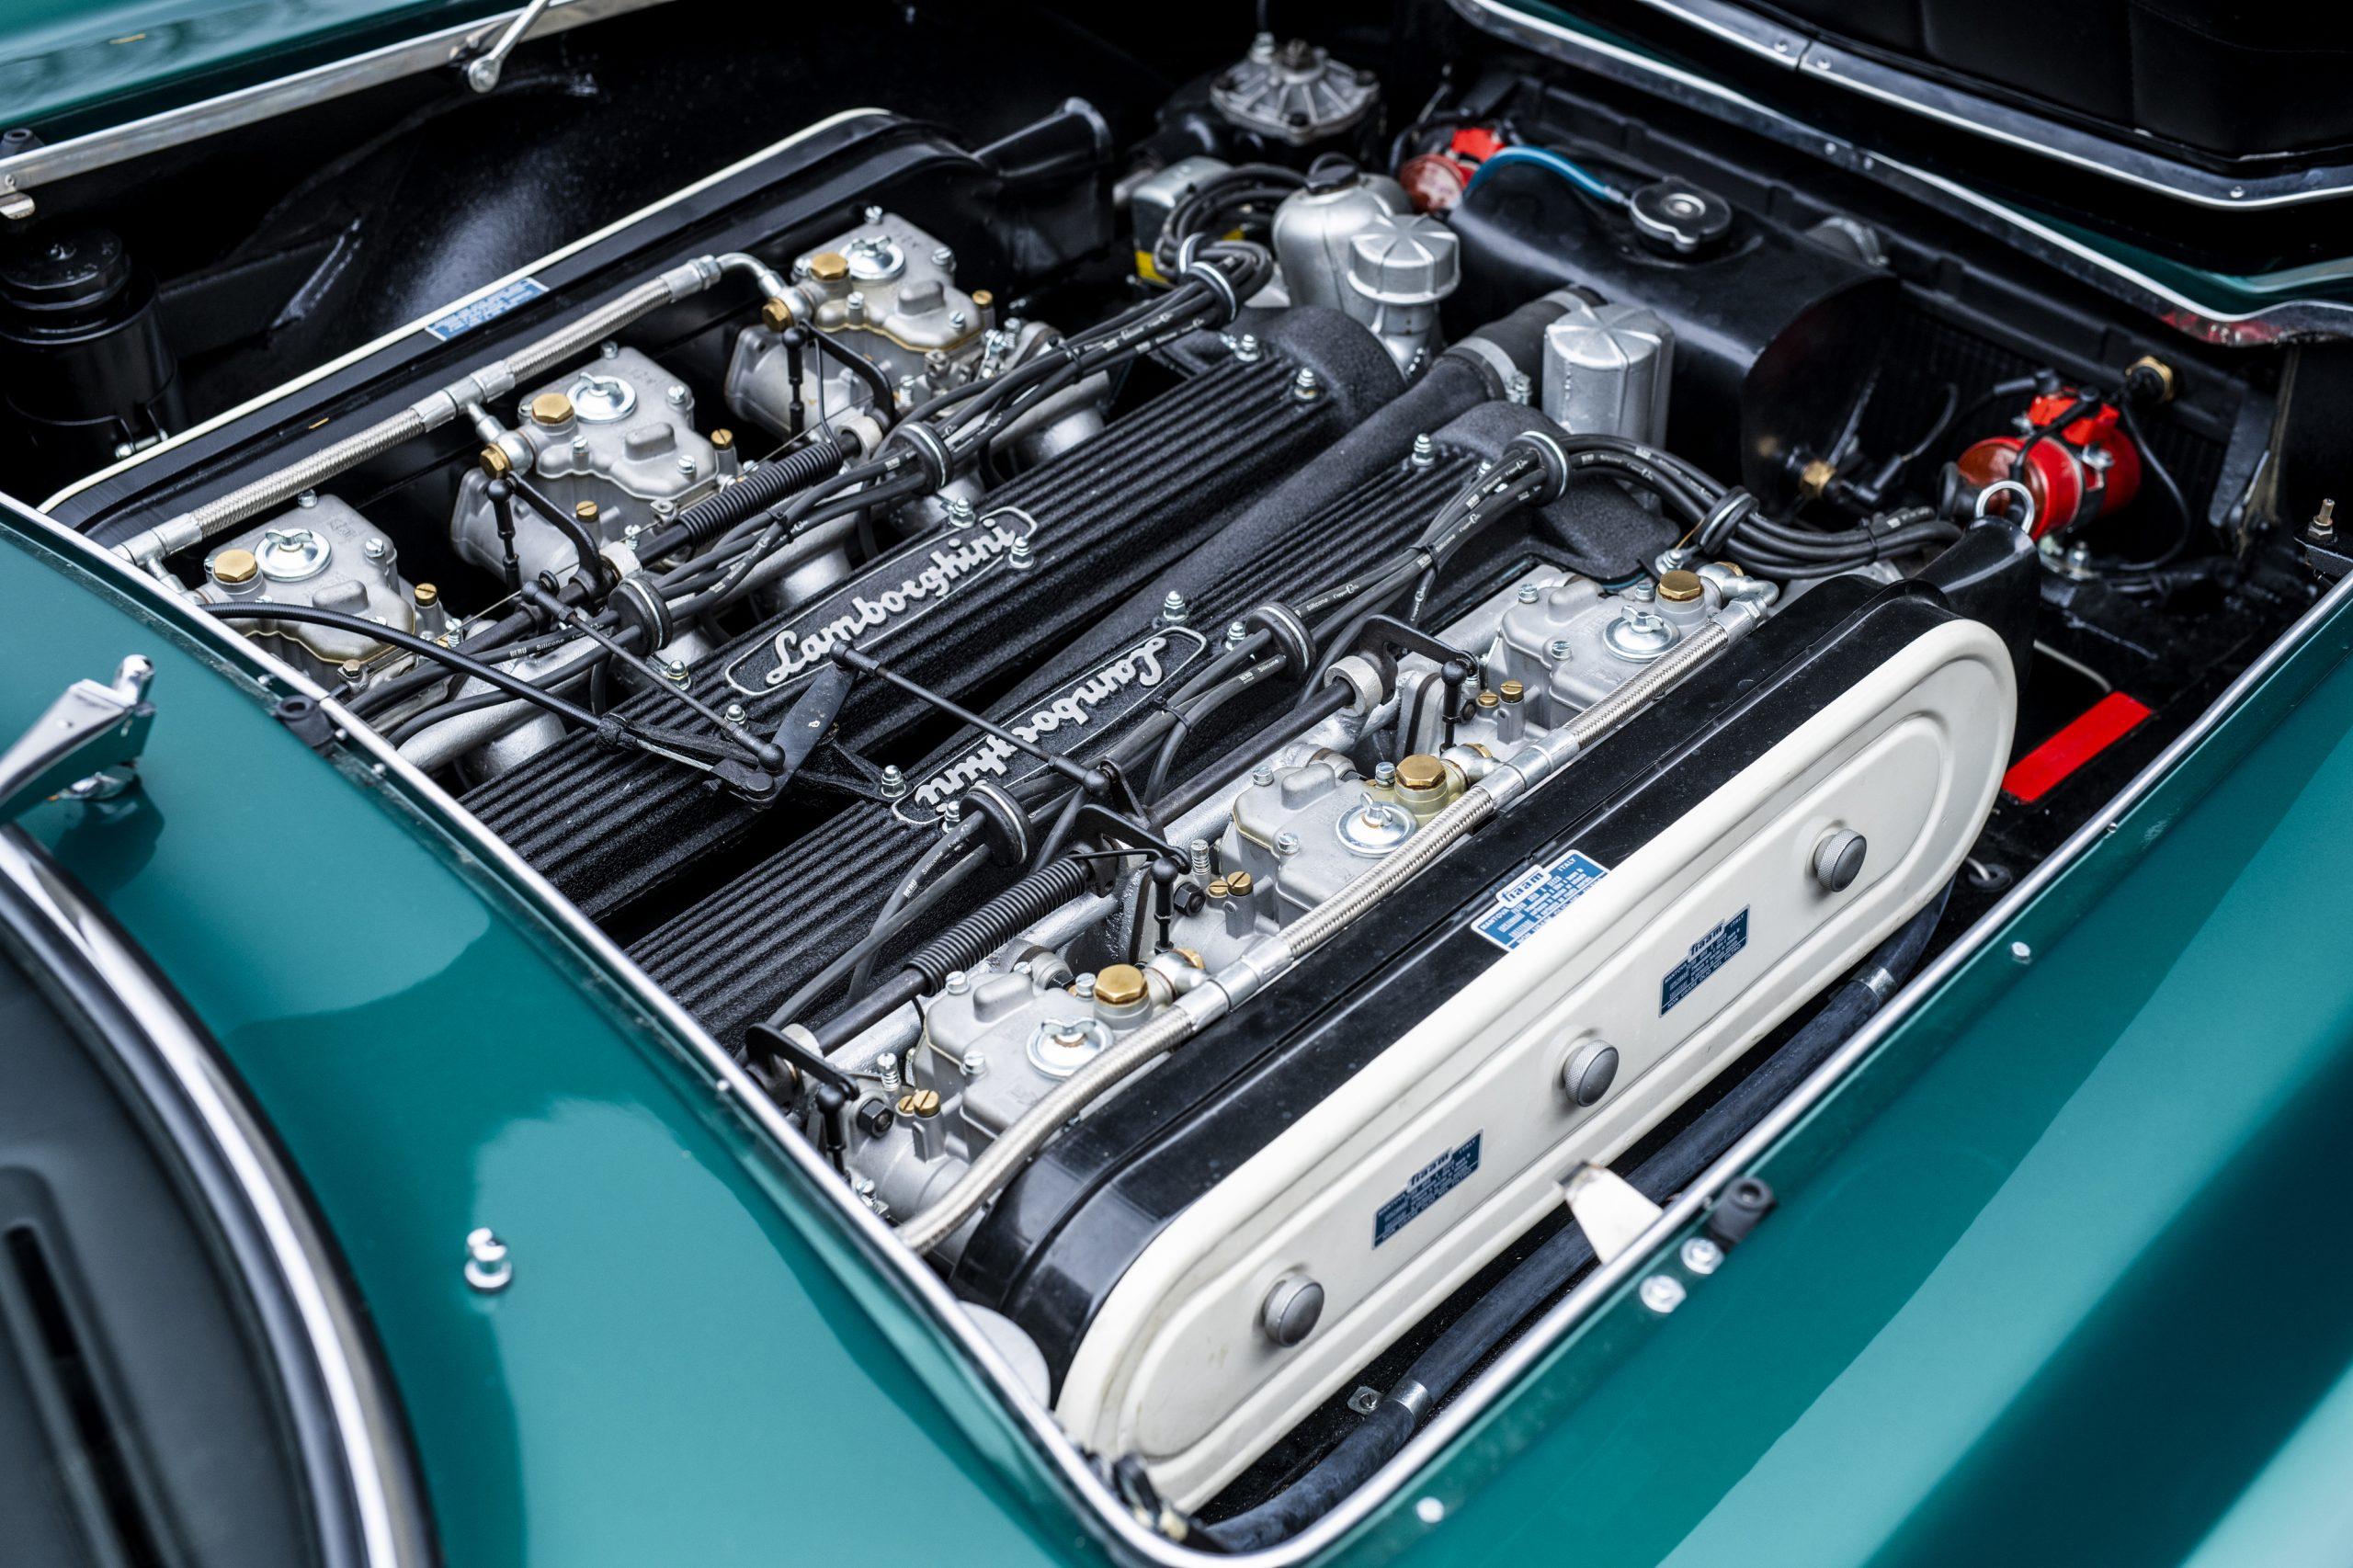 1967 Lamborghini 400 GT 2+2 engine